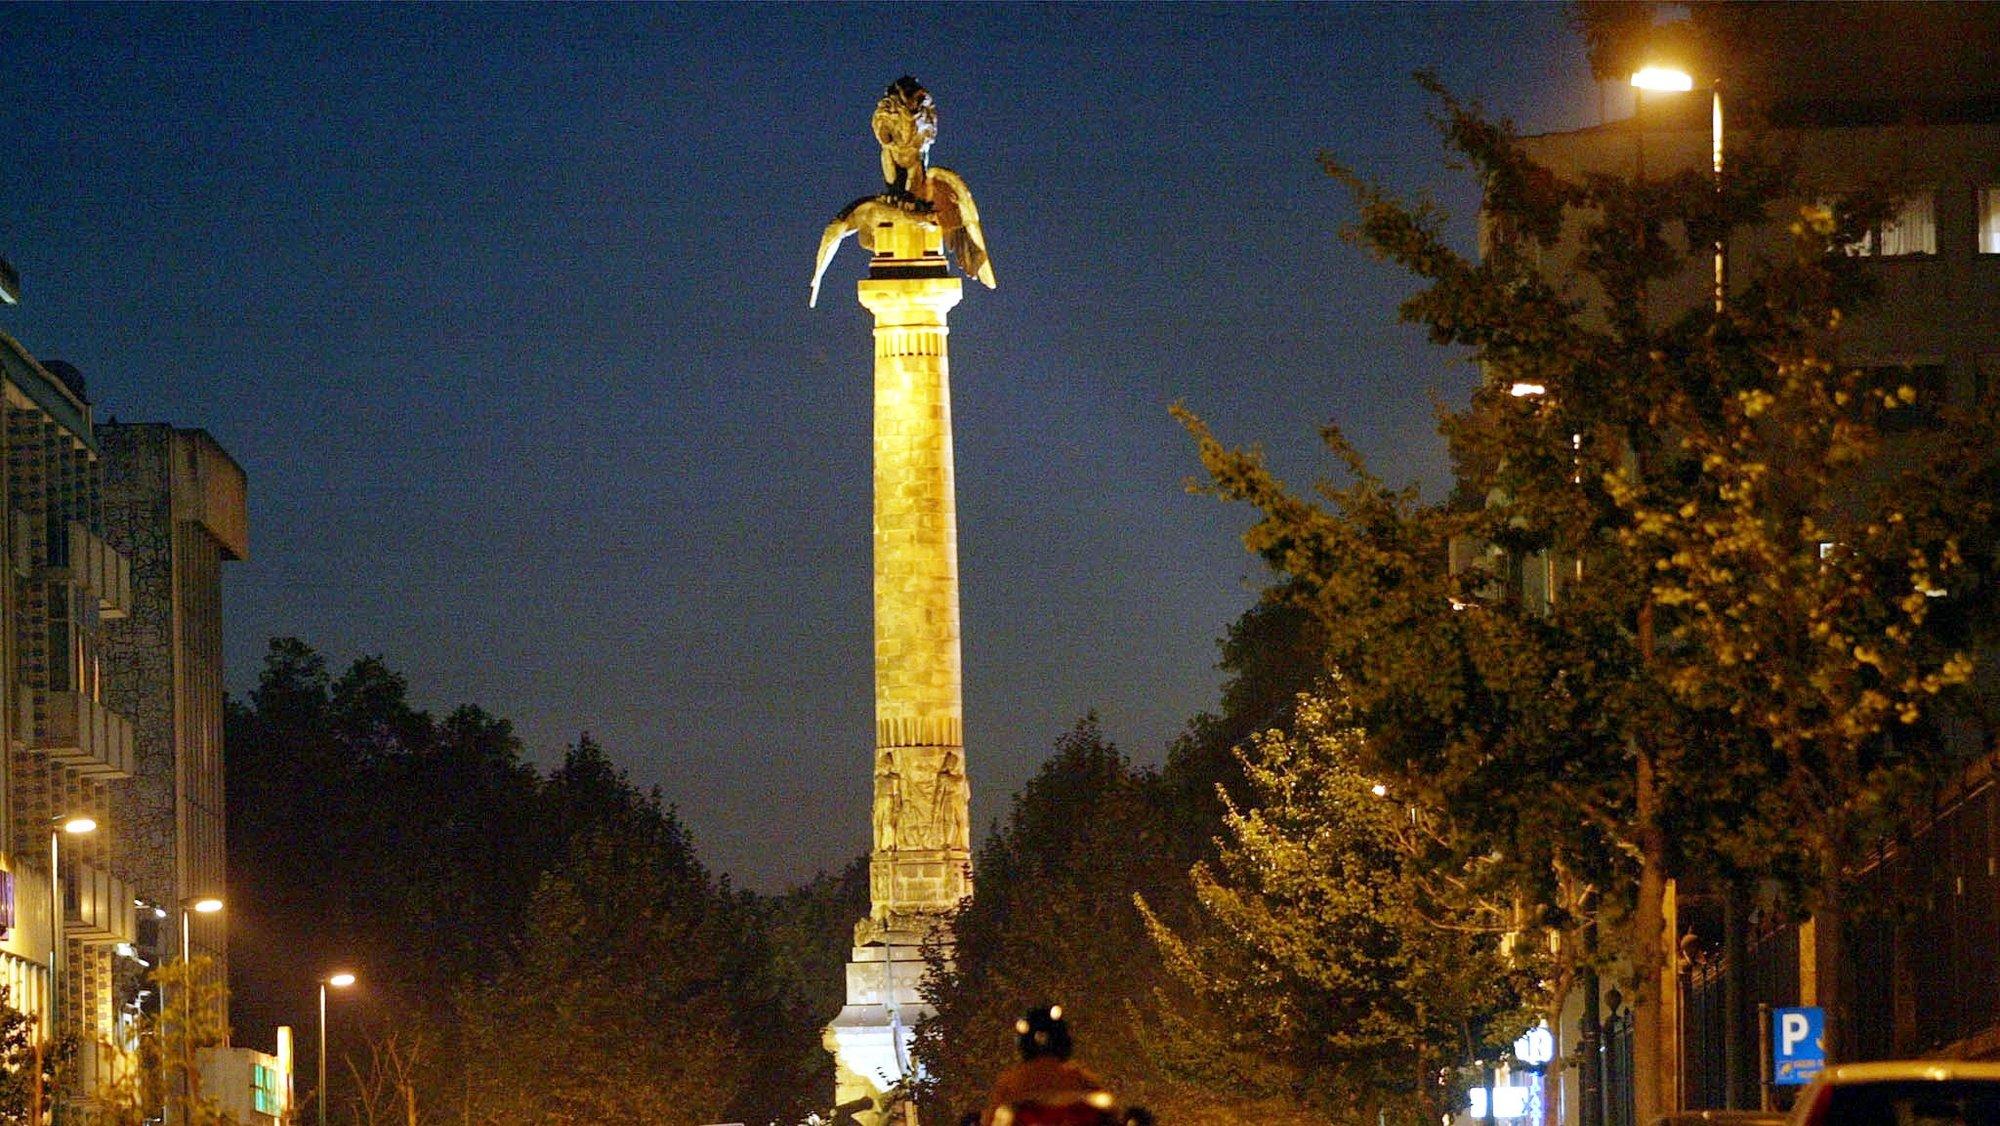 POR01: 20031009: PORTO:  Rotunda da Boavista na cidade do Porto. FOTO ESTELA SILVA / LUSA